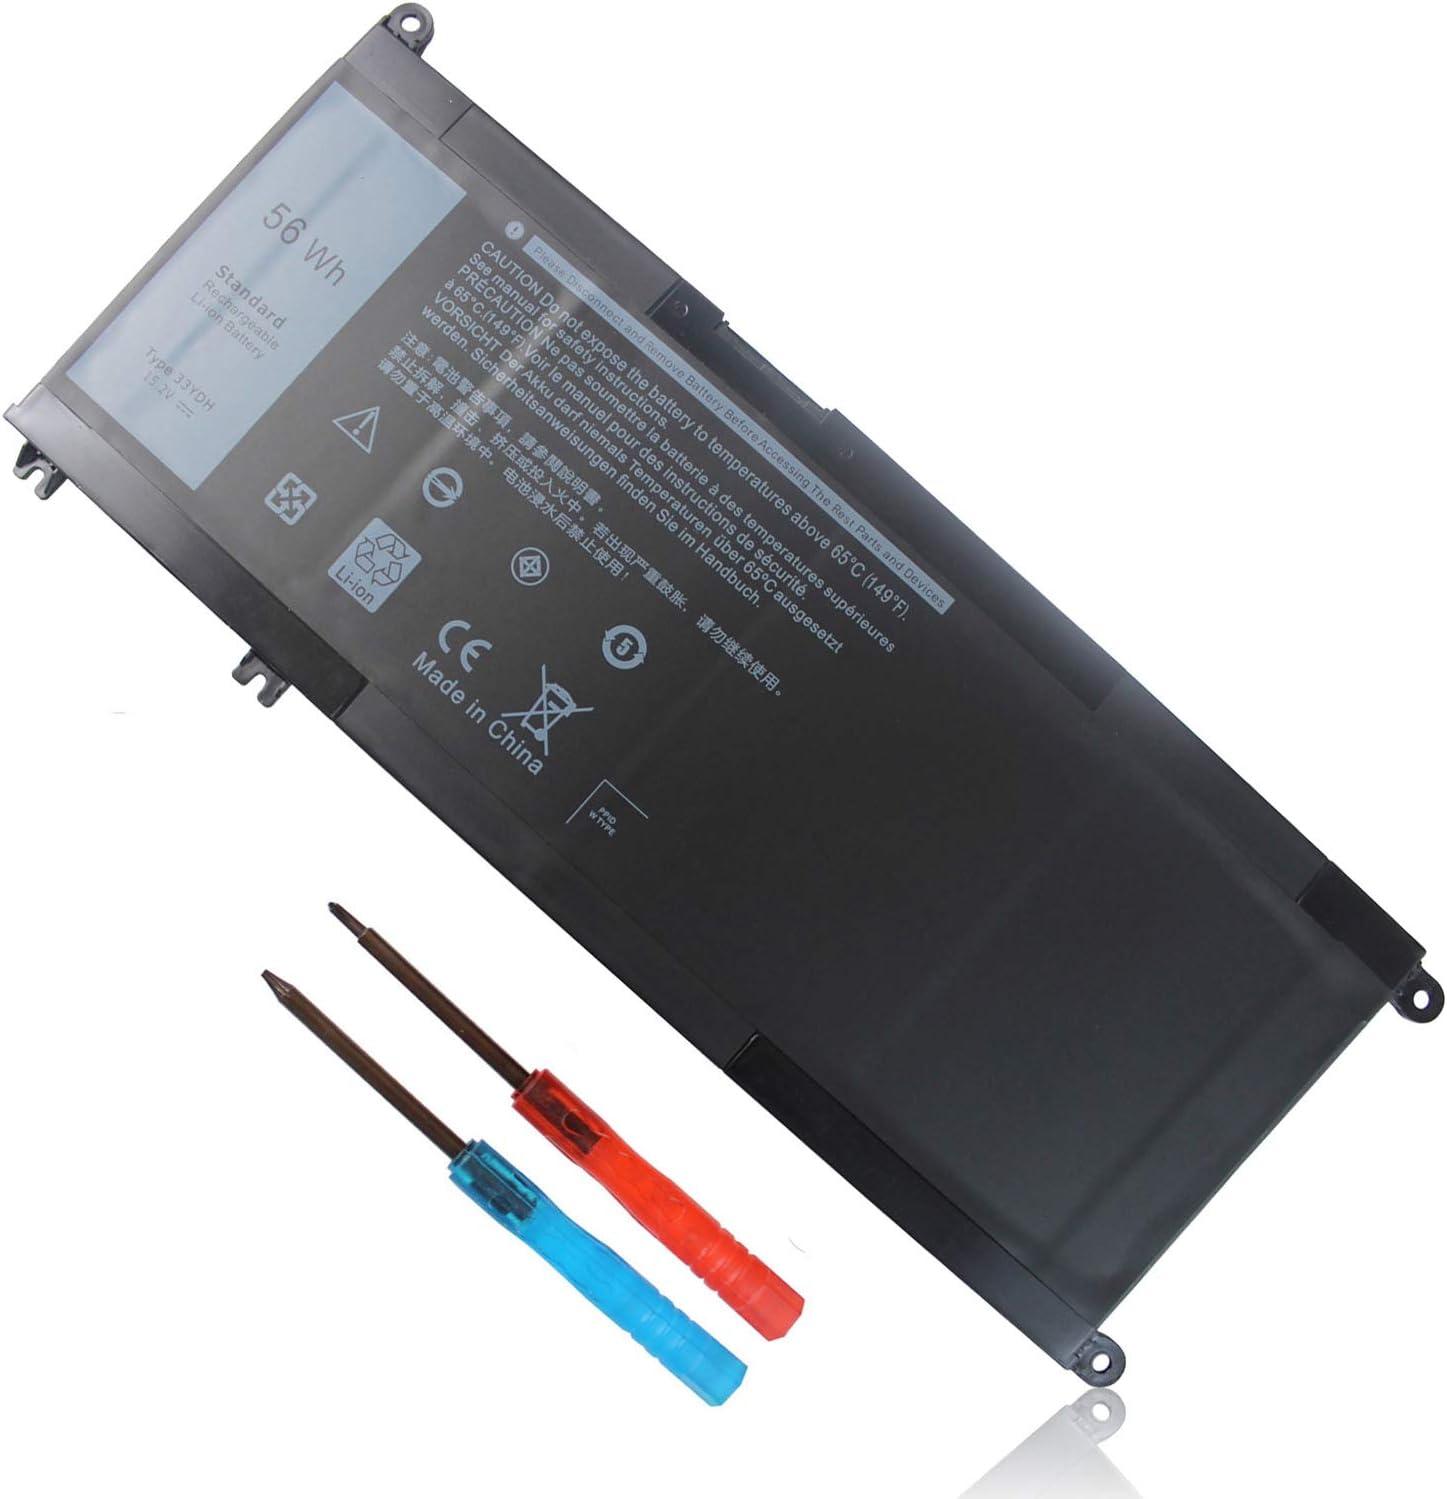 56Wh 33YDH 15.2V Battery for Dell Inspiron 17 7000 7773 7779 7778 7786 2-in-1 15 7577 Latitude 15 3590 3580 3490 3380 G5 15 5587 G3 3579 3779 G7 7588 Vostro 7580 7570 PVHT1 P30E P30E001 81PF3 081PF3